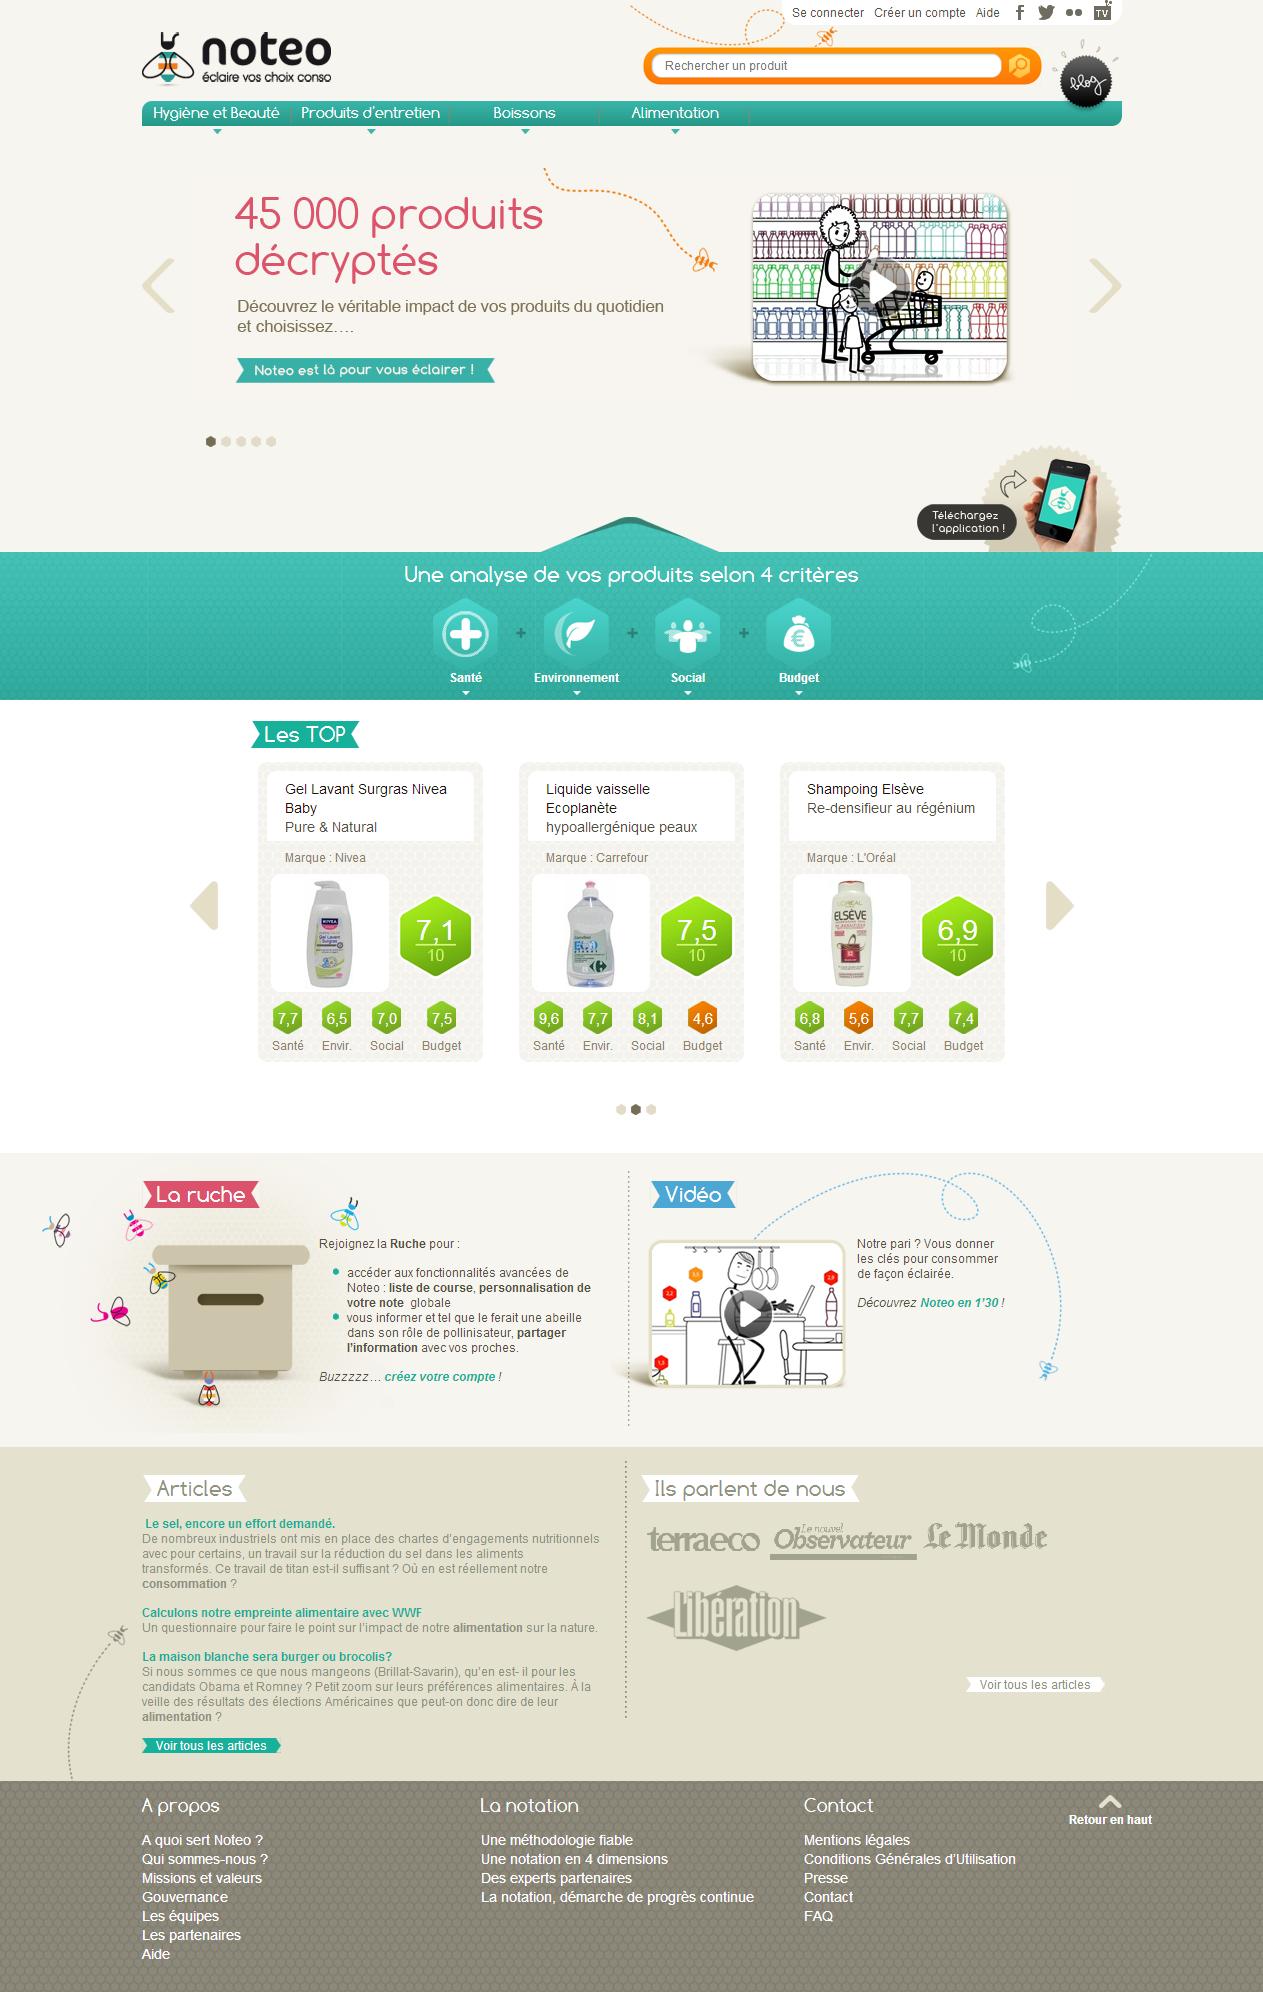 Accompagnement dans la réalisation et le lancement du service d'aide à la consommation de Noteo